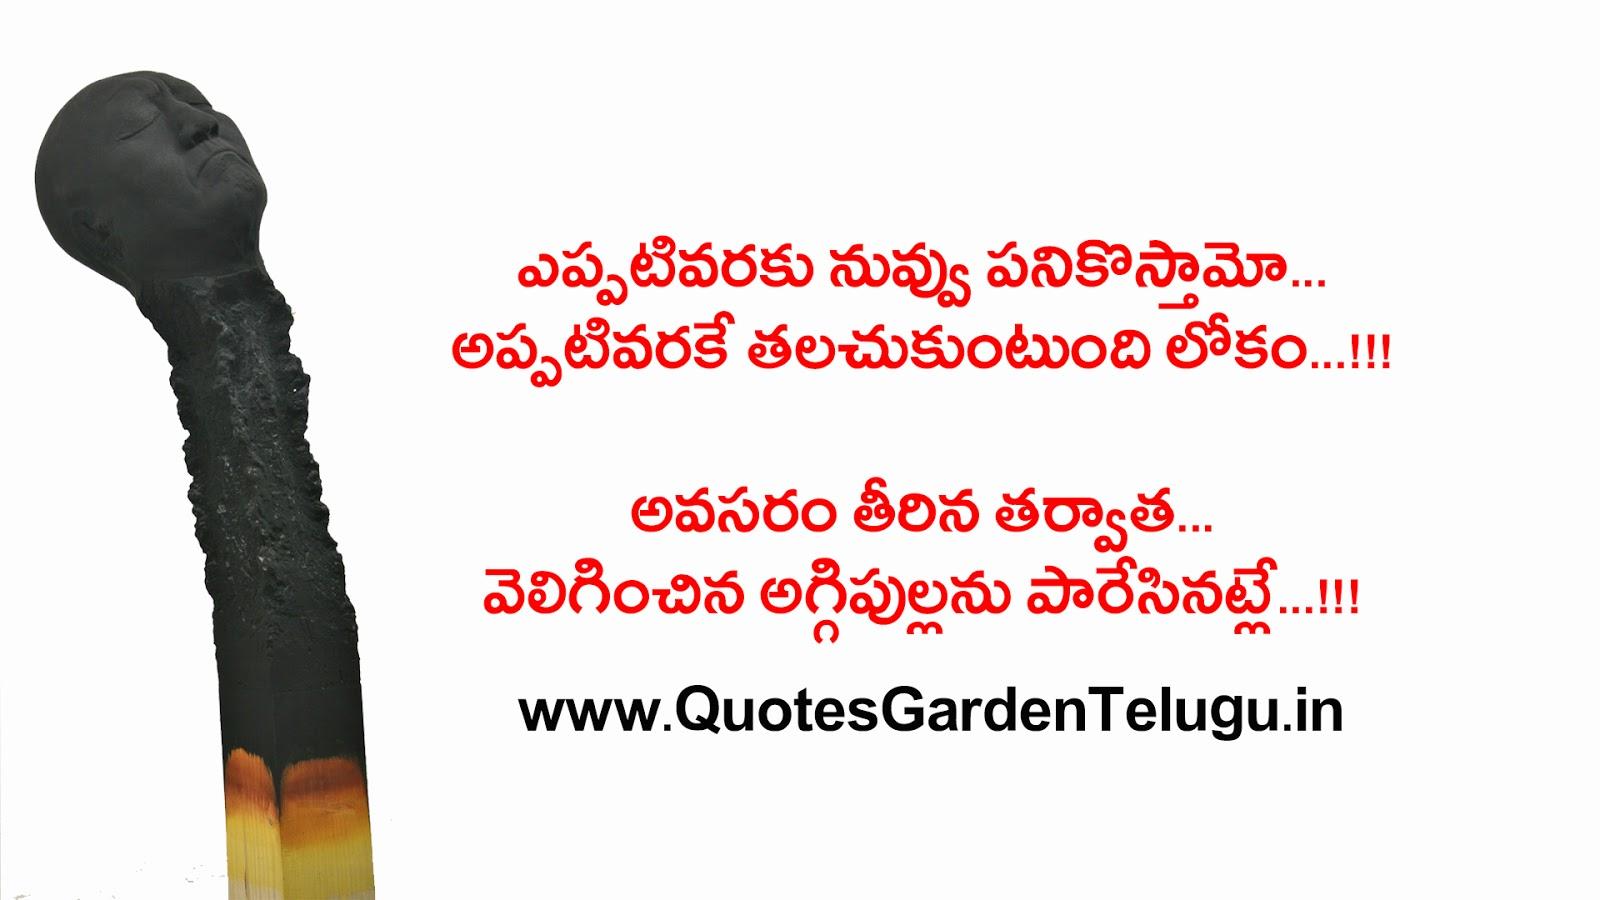 Latest Trending life quotes in telugu